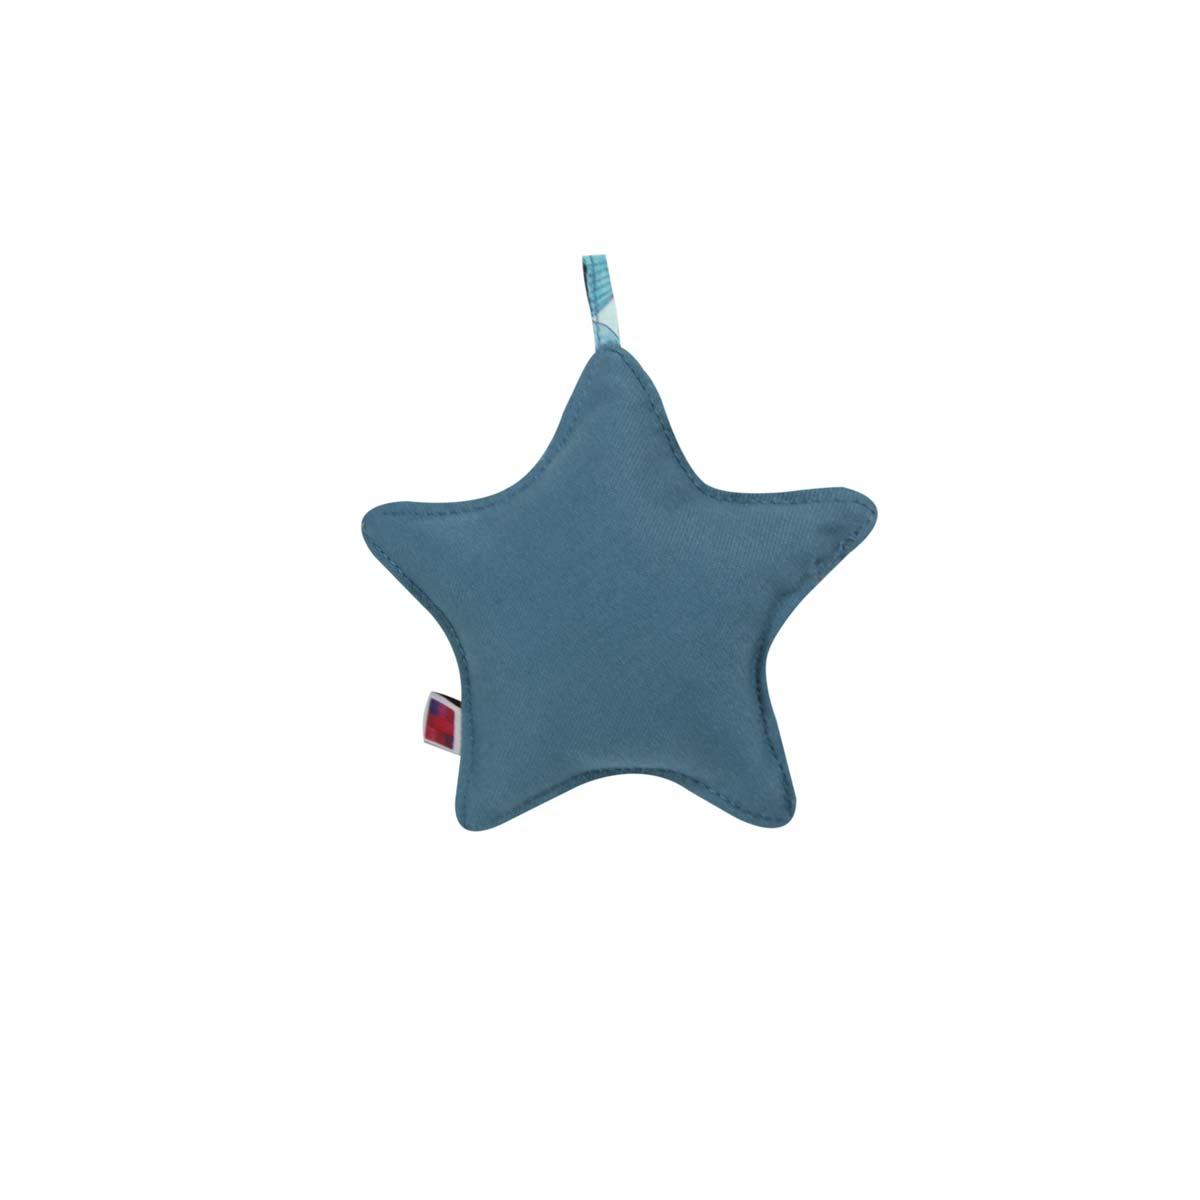 Almofada Star Pp Tecido Liberty Balloon 01 V